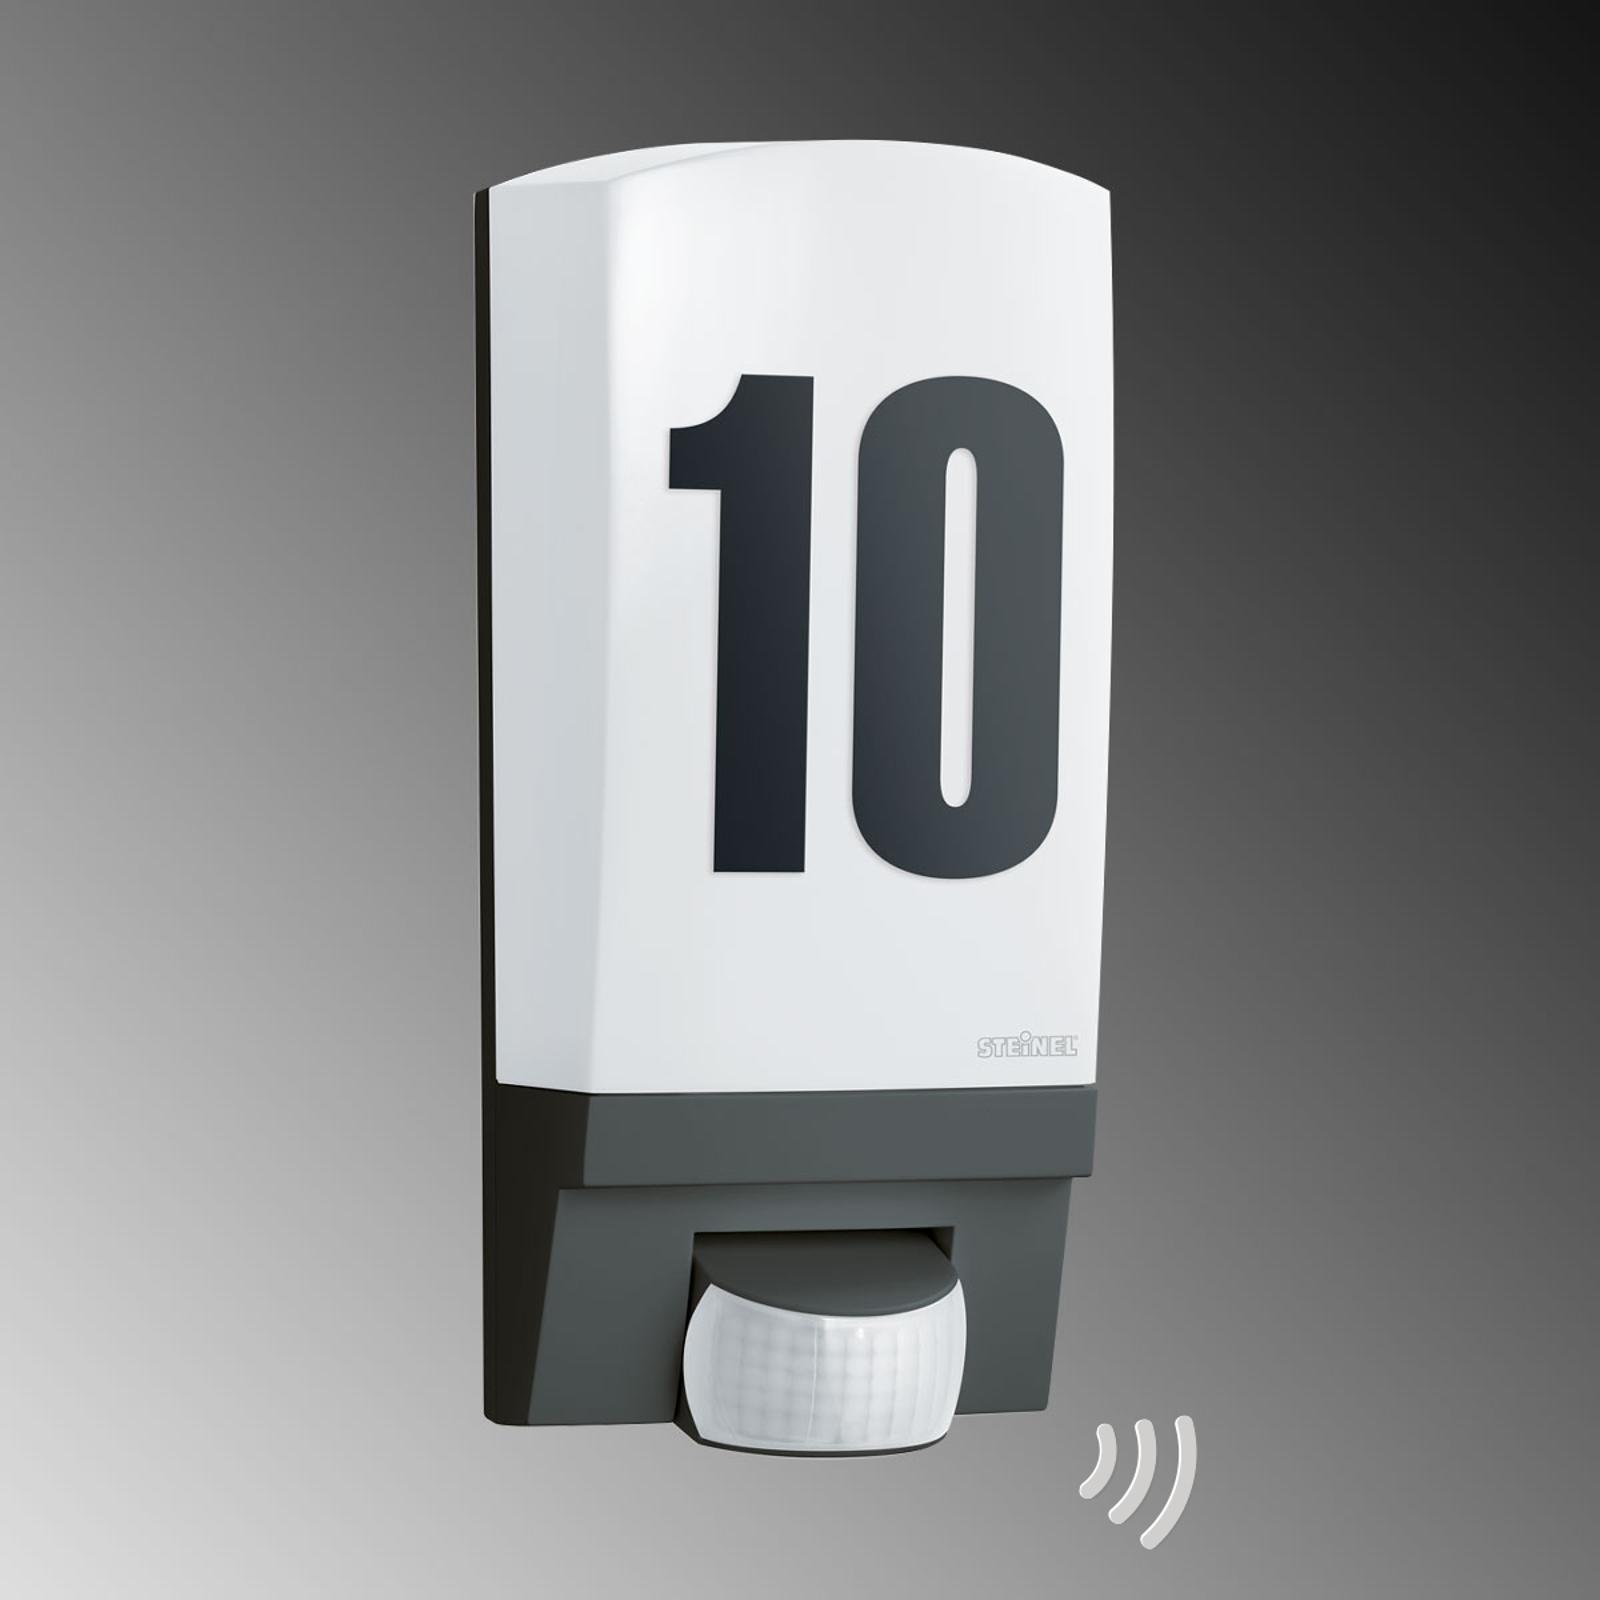 Svart L 1 STEINEL sensor- og husnummerlampe